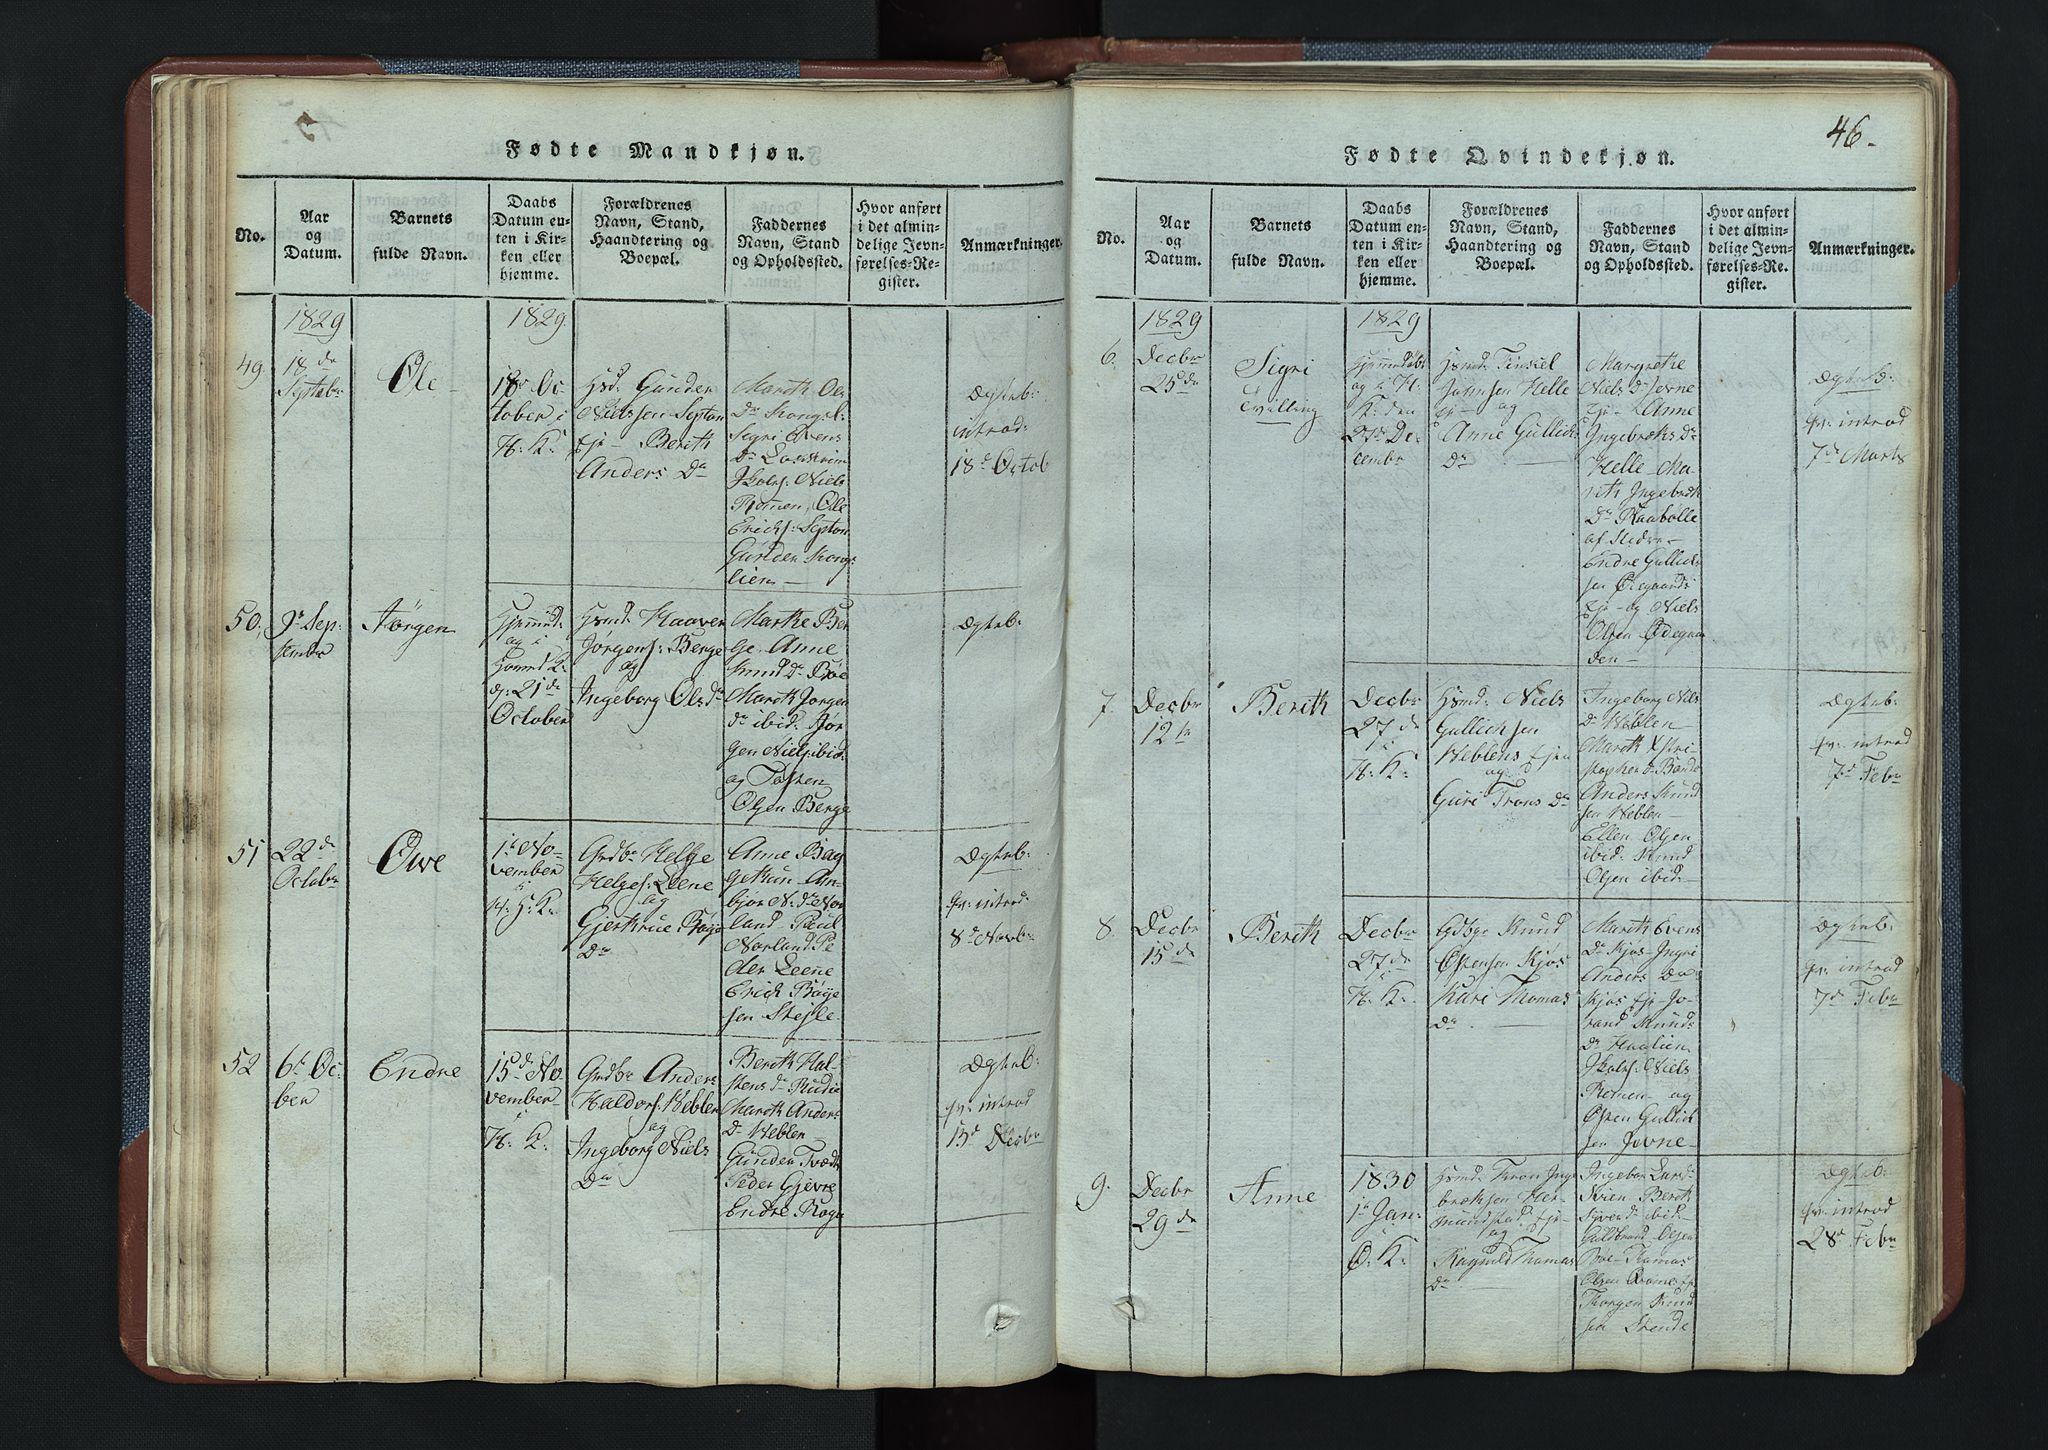 SAH, Vang prestekontor, Valdres, Klokkerbok nr. 3, 1814-1892, s. 46